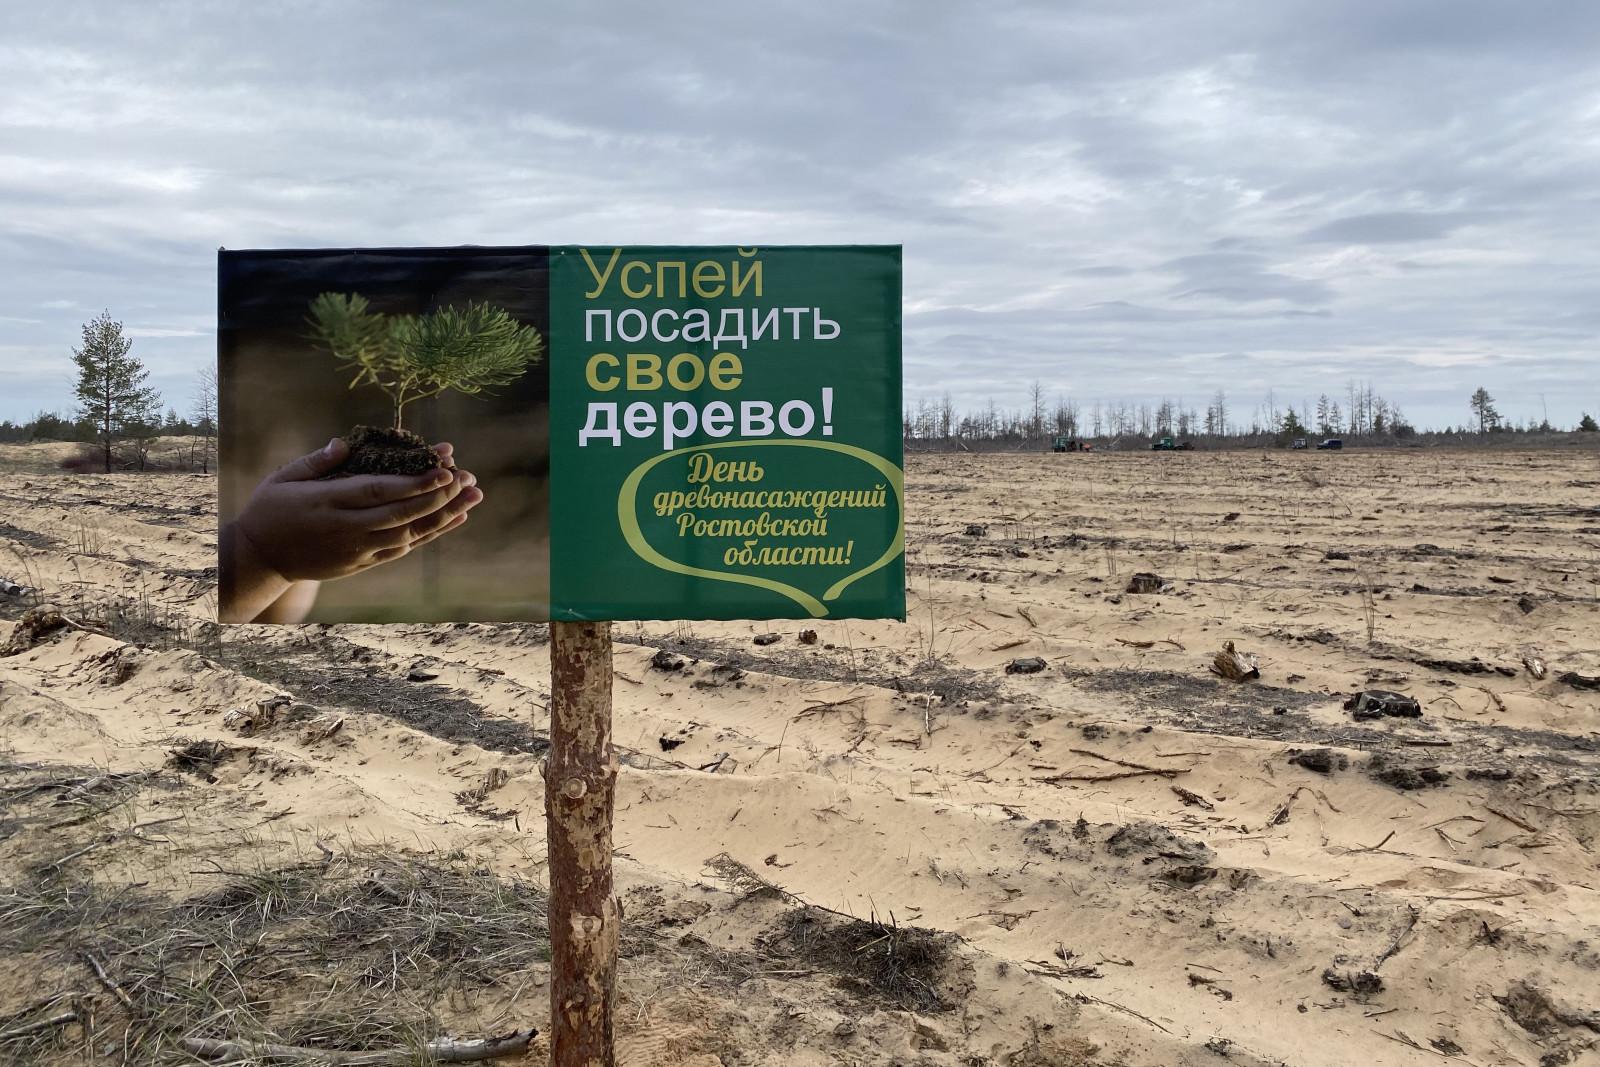 В День древонасаждений на Дону высадят 48 тыс. саженцев деревьев и кустарников - фото 1